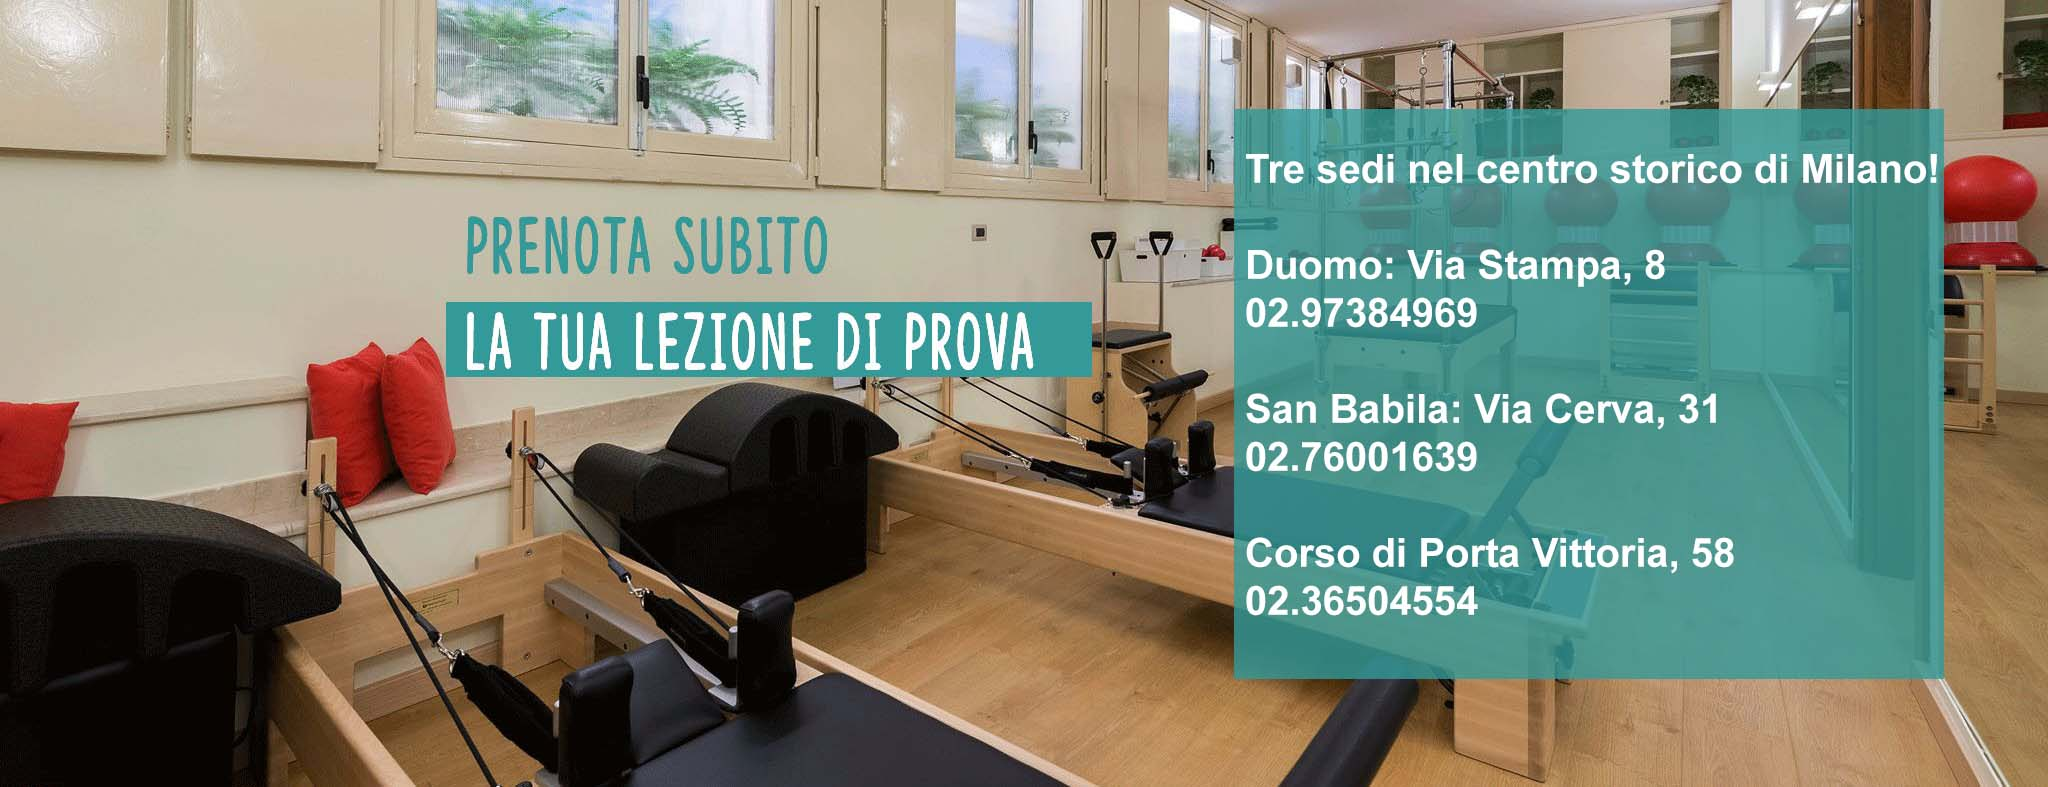 Pilates Porta Venezia Milano - Prenota subito la tua lezione di prova